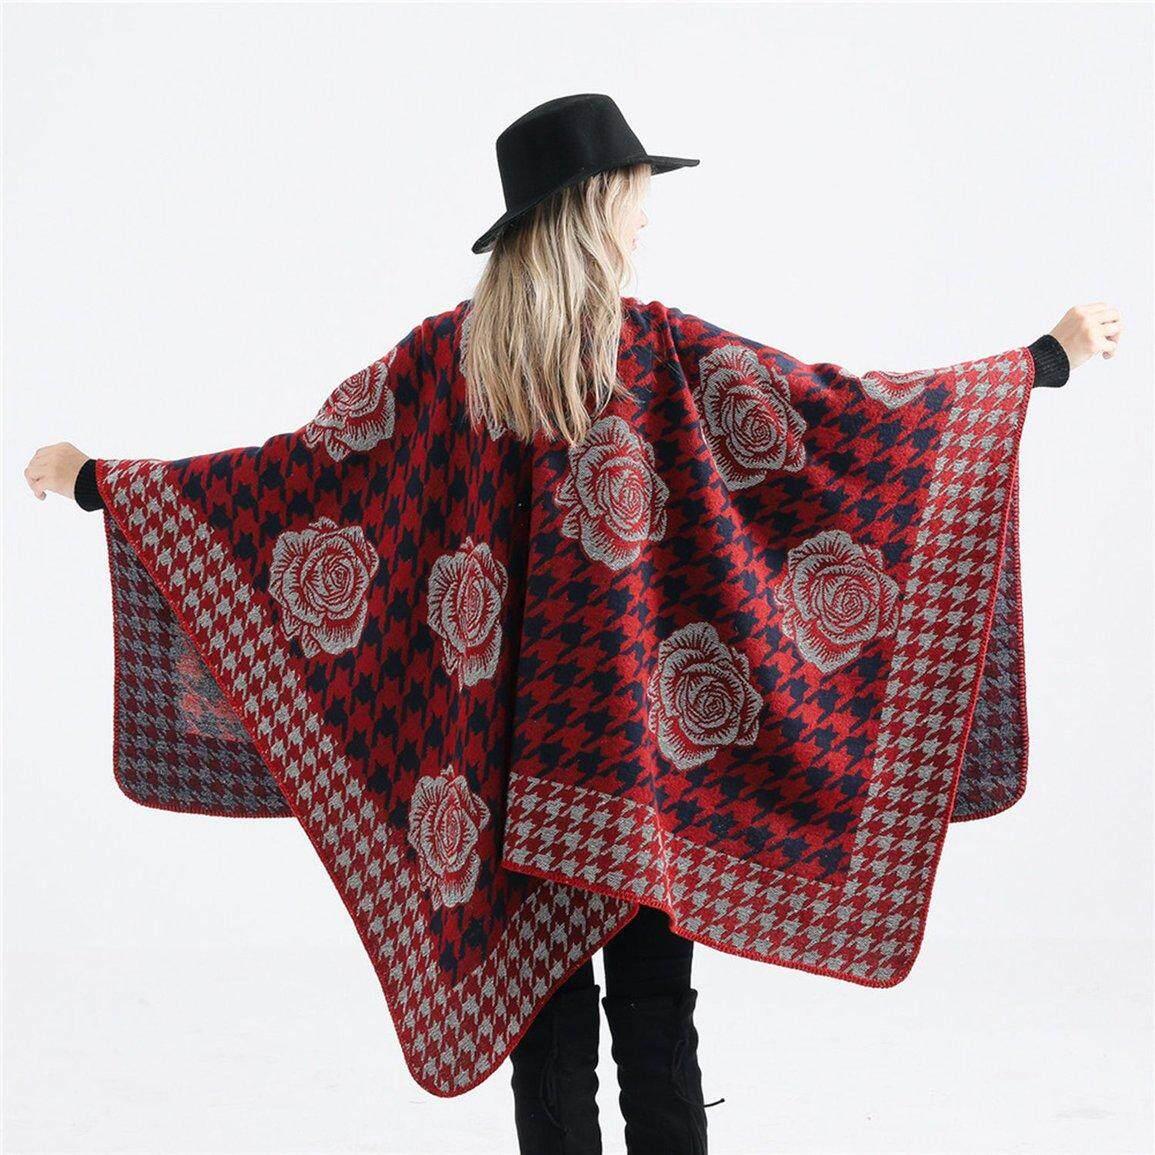 Giá bán Doanh Số Bán Chạy nhất DP2647 Khăn Choàng Acrylic Lạnh Mùa Đông Nữ Tặng Nữ Nữ Thời Trang Hiện Nay